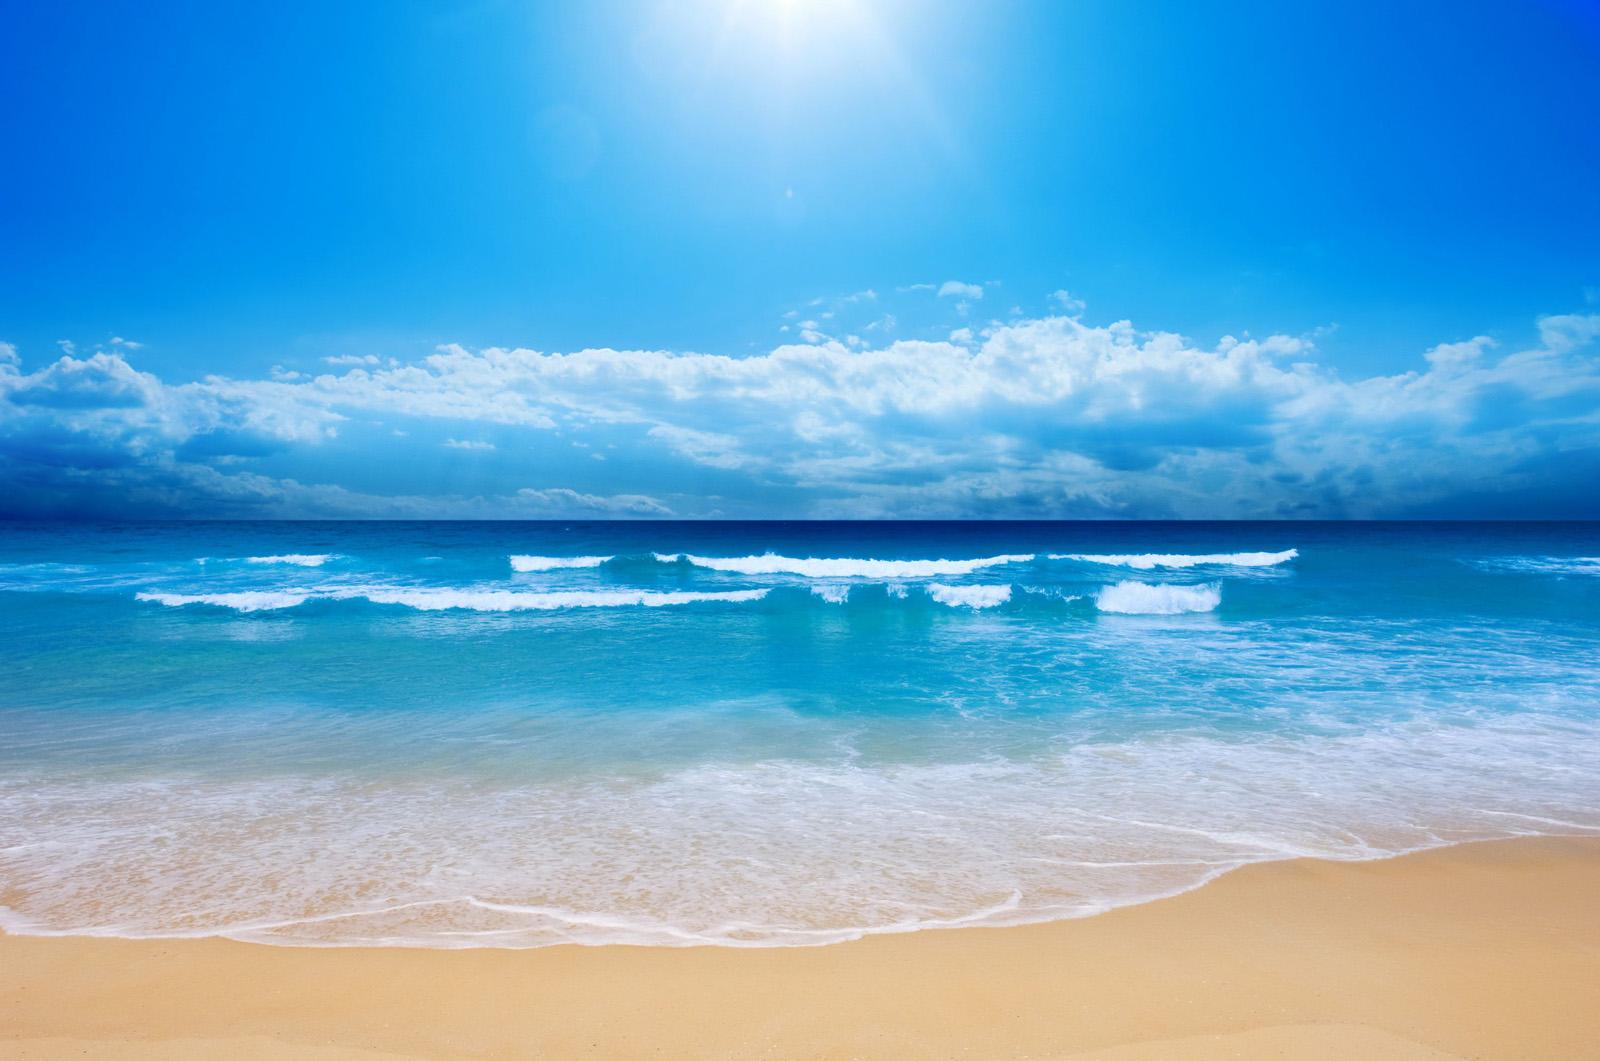 صور بحر خلفيات البحار والمياة بجودة HD (30)